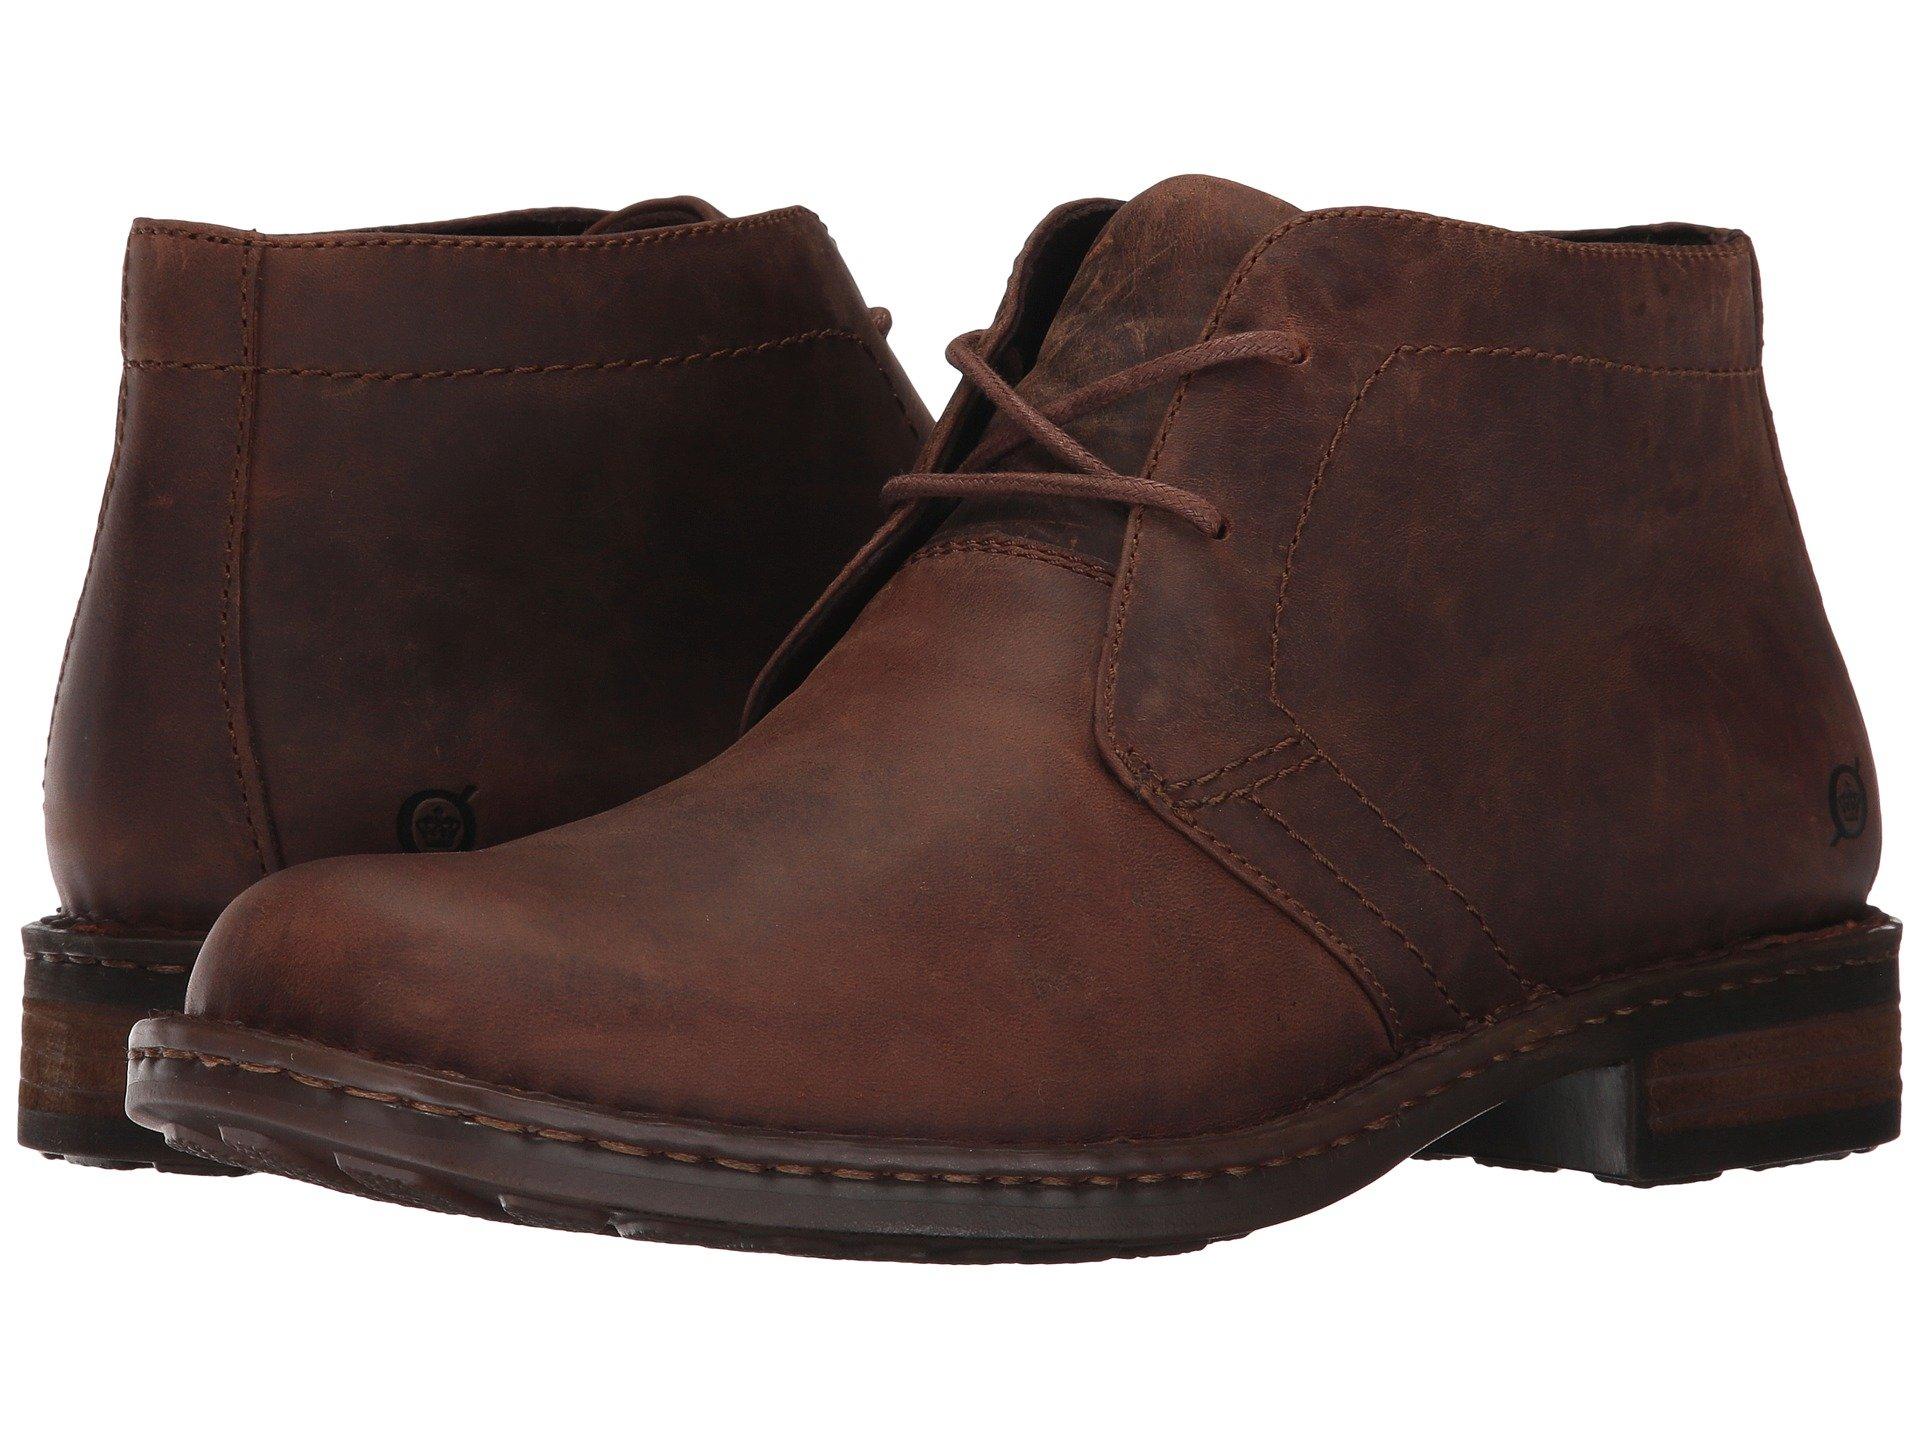 b09f9b93013c Men s Born Boots + FREE SHIPPING